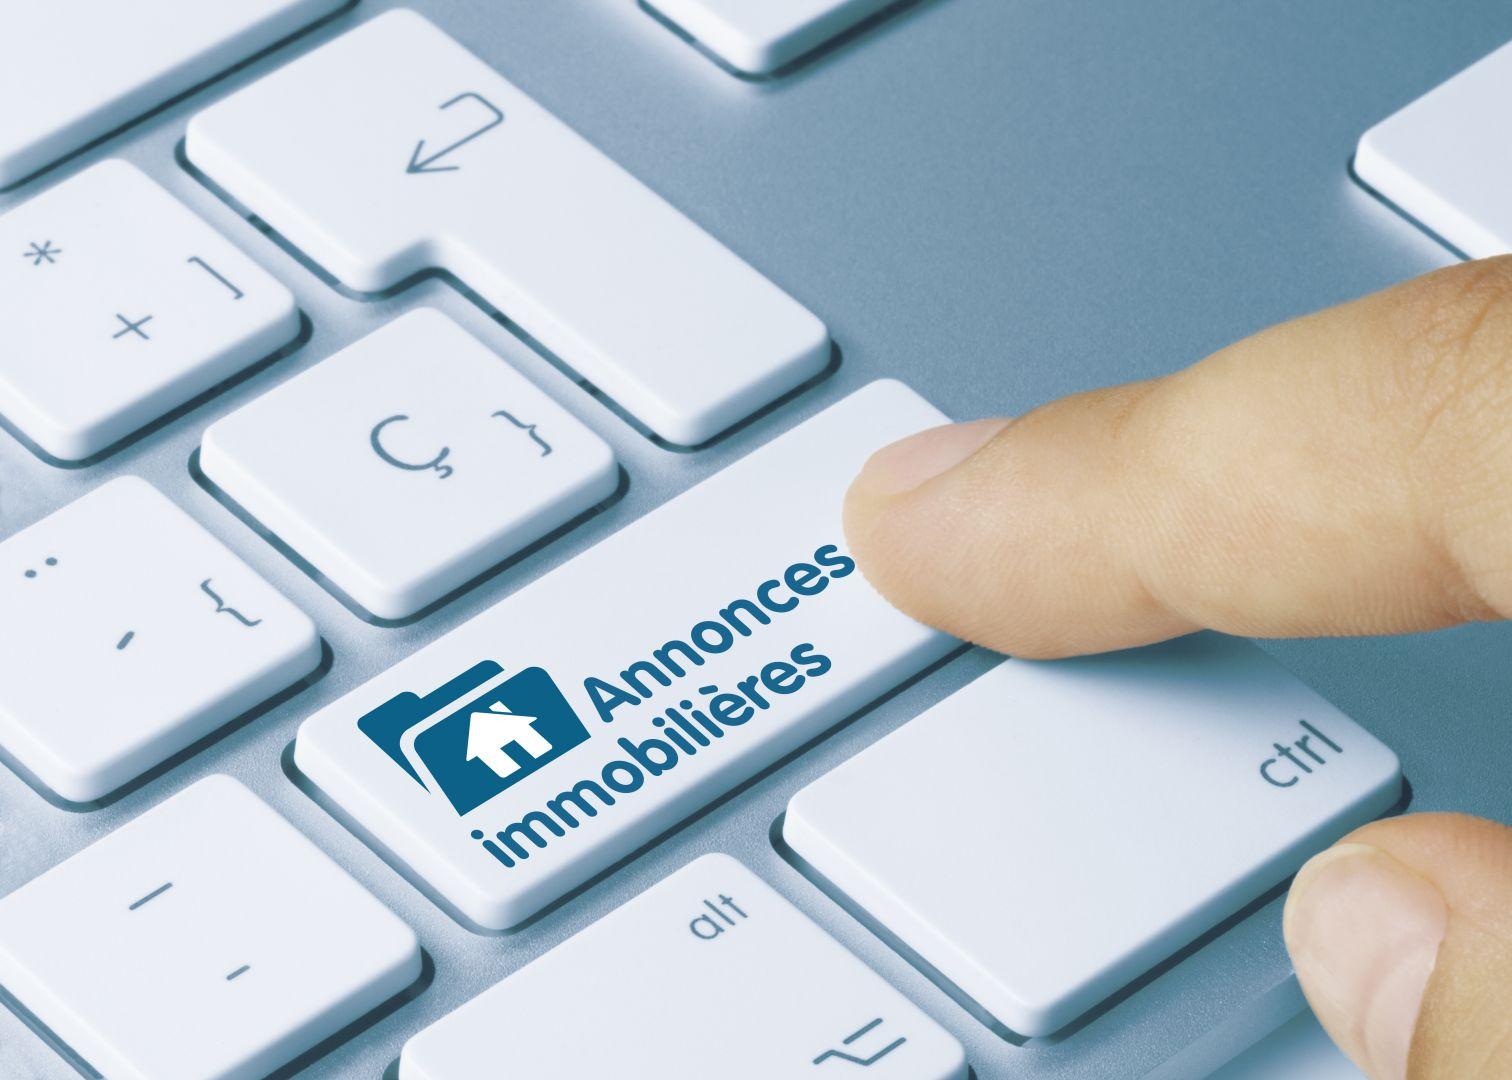 Le logiciel immobilier Netty intègre l'IA Syllabs pour étoffer son offre de services